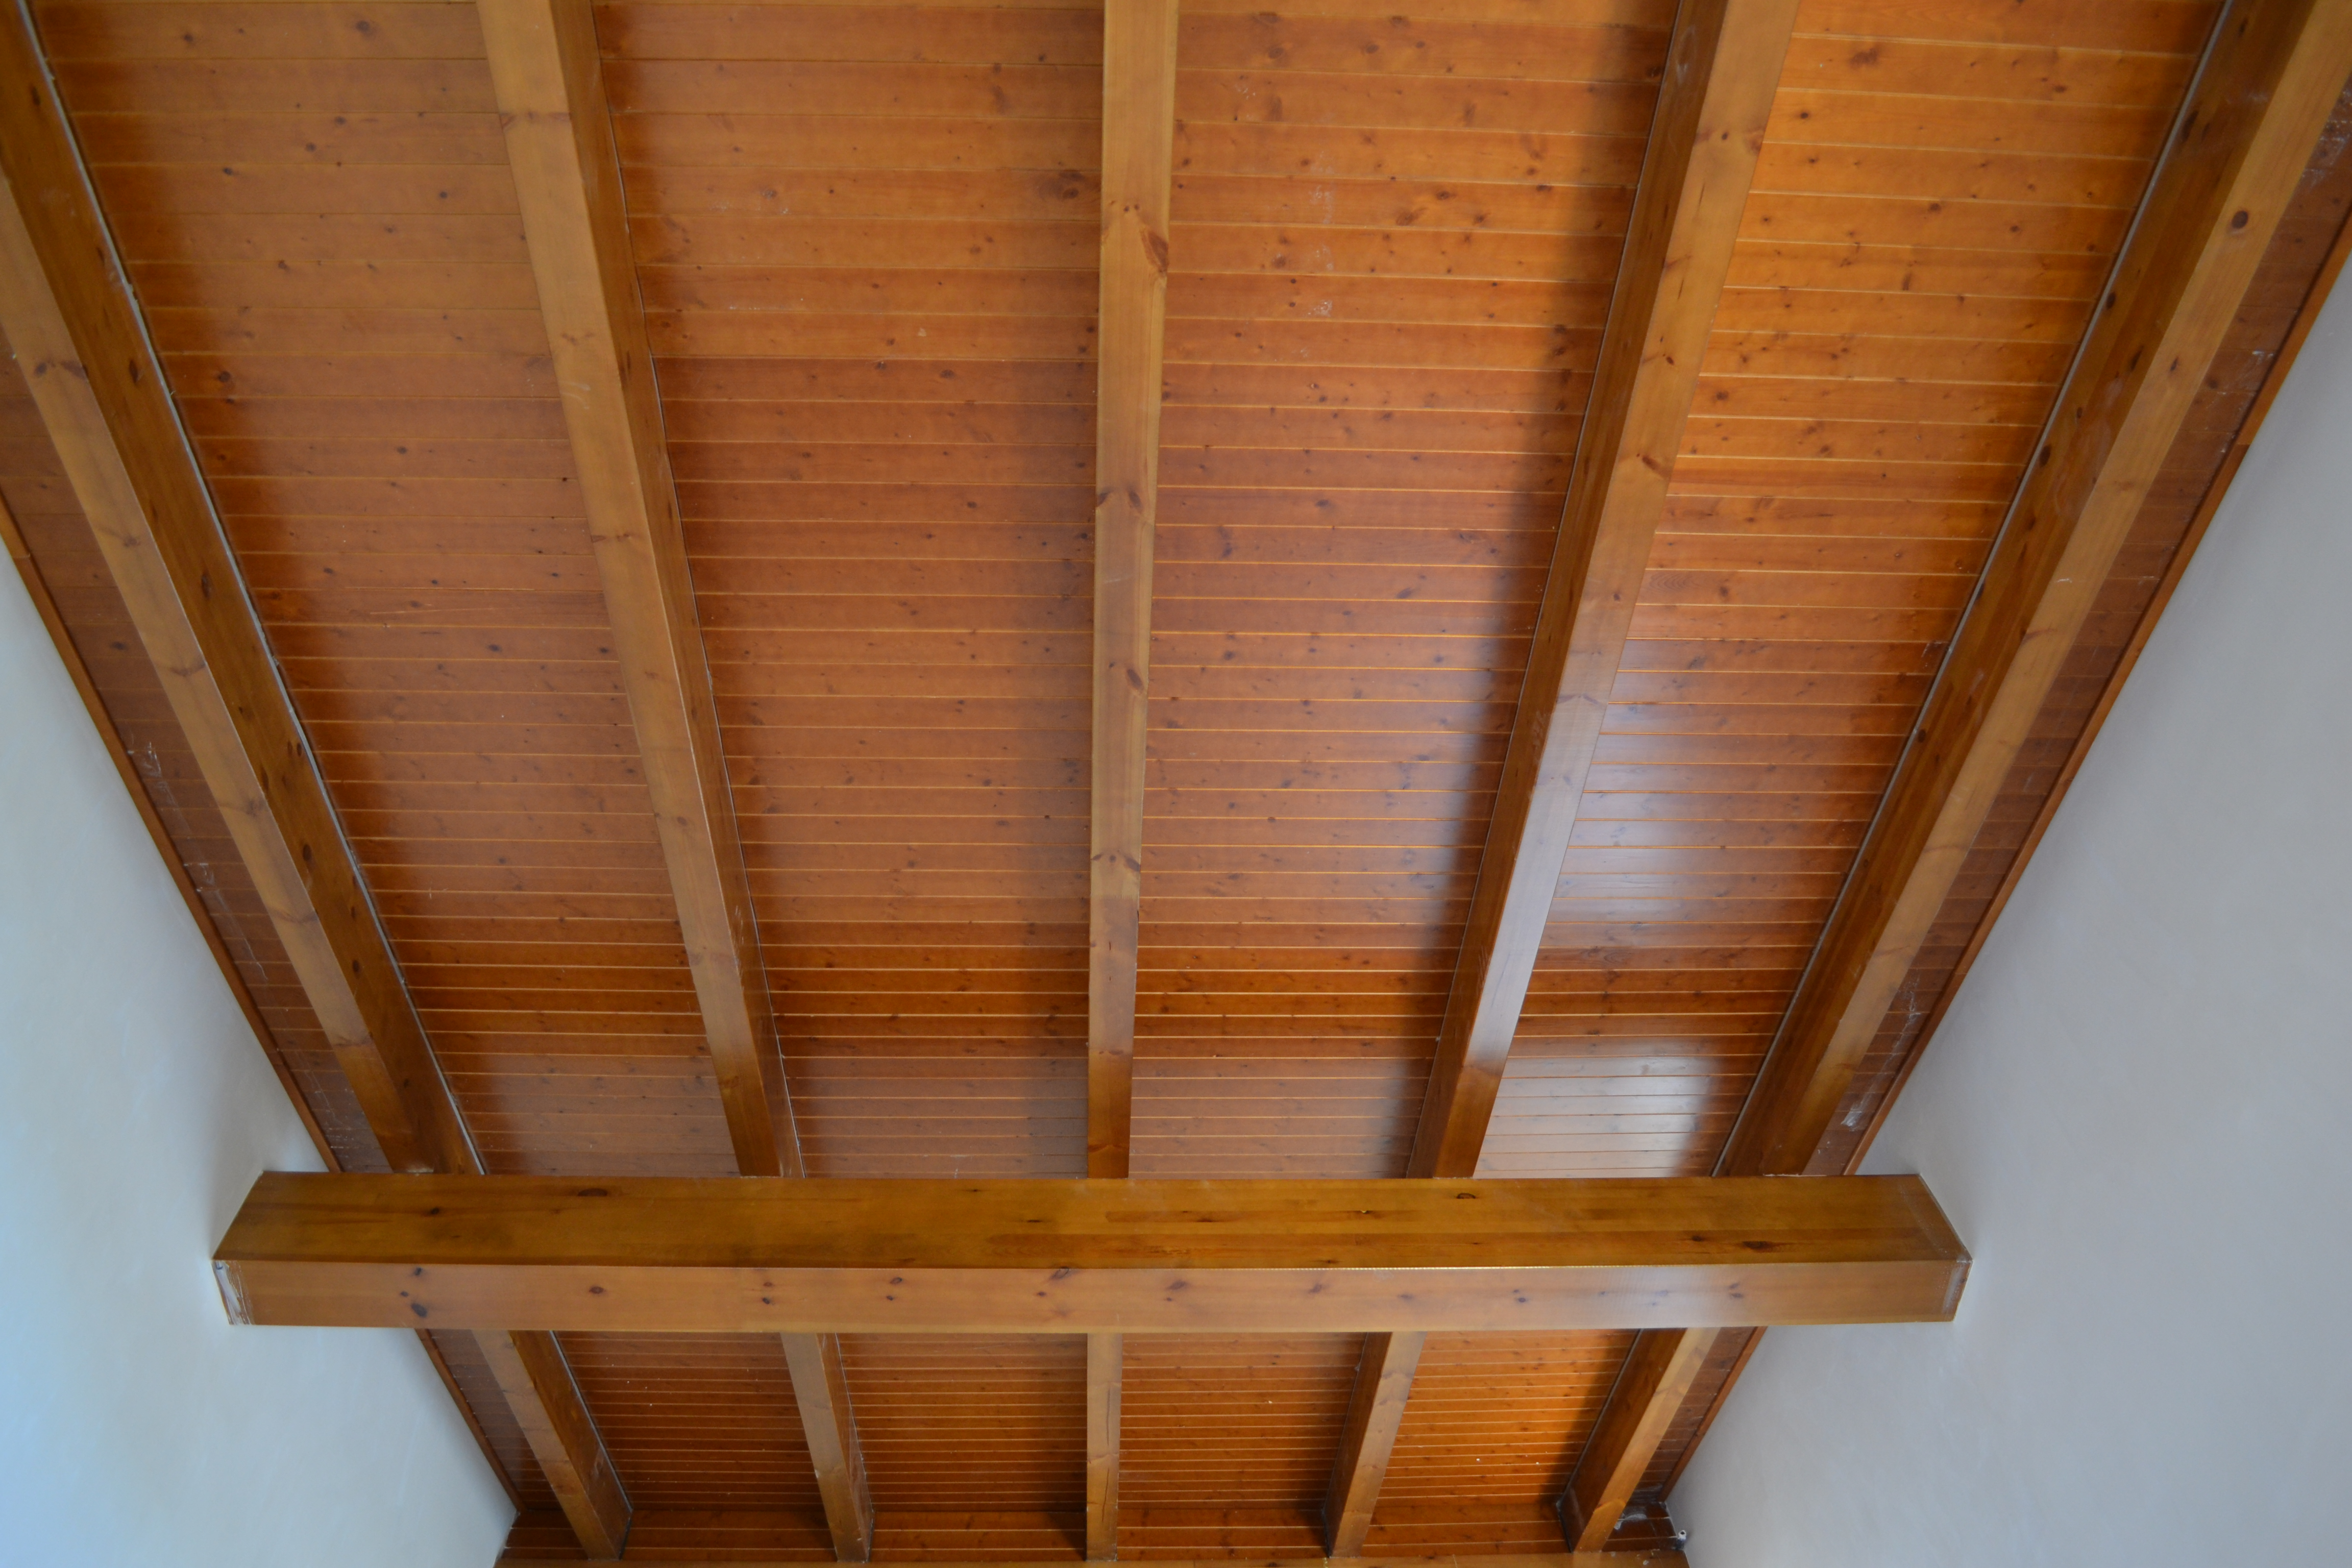 Tejados de madera laminada opci n perfecta incofusta for Tejados de madera modernos